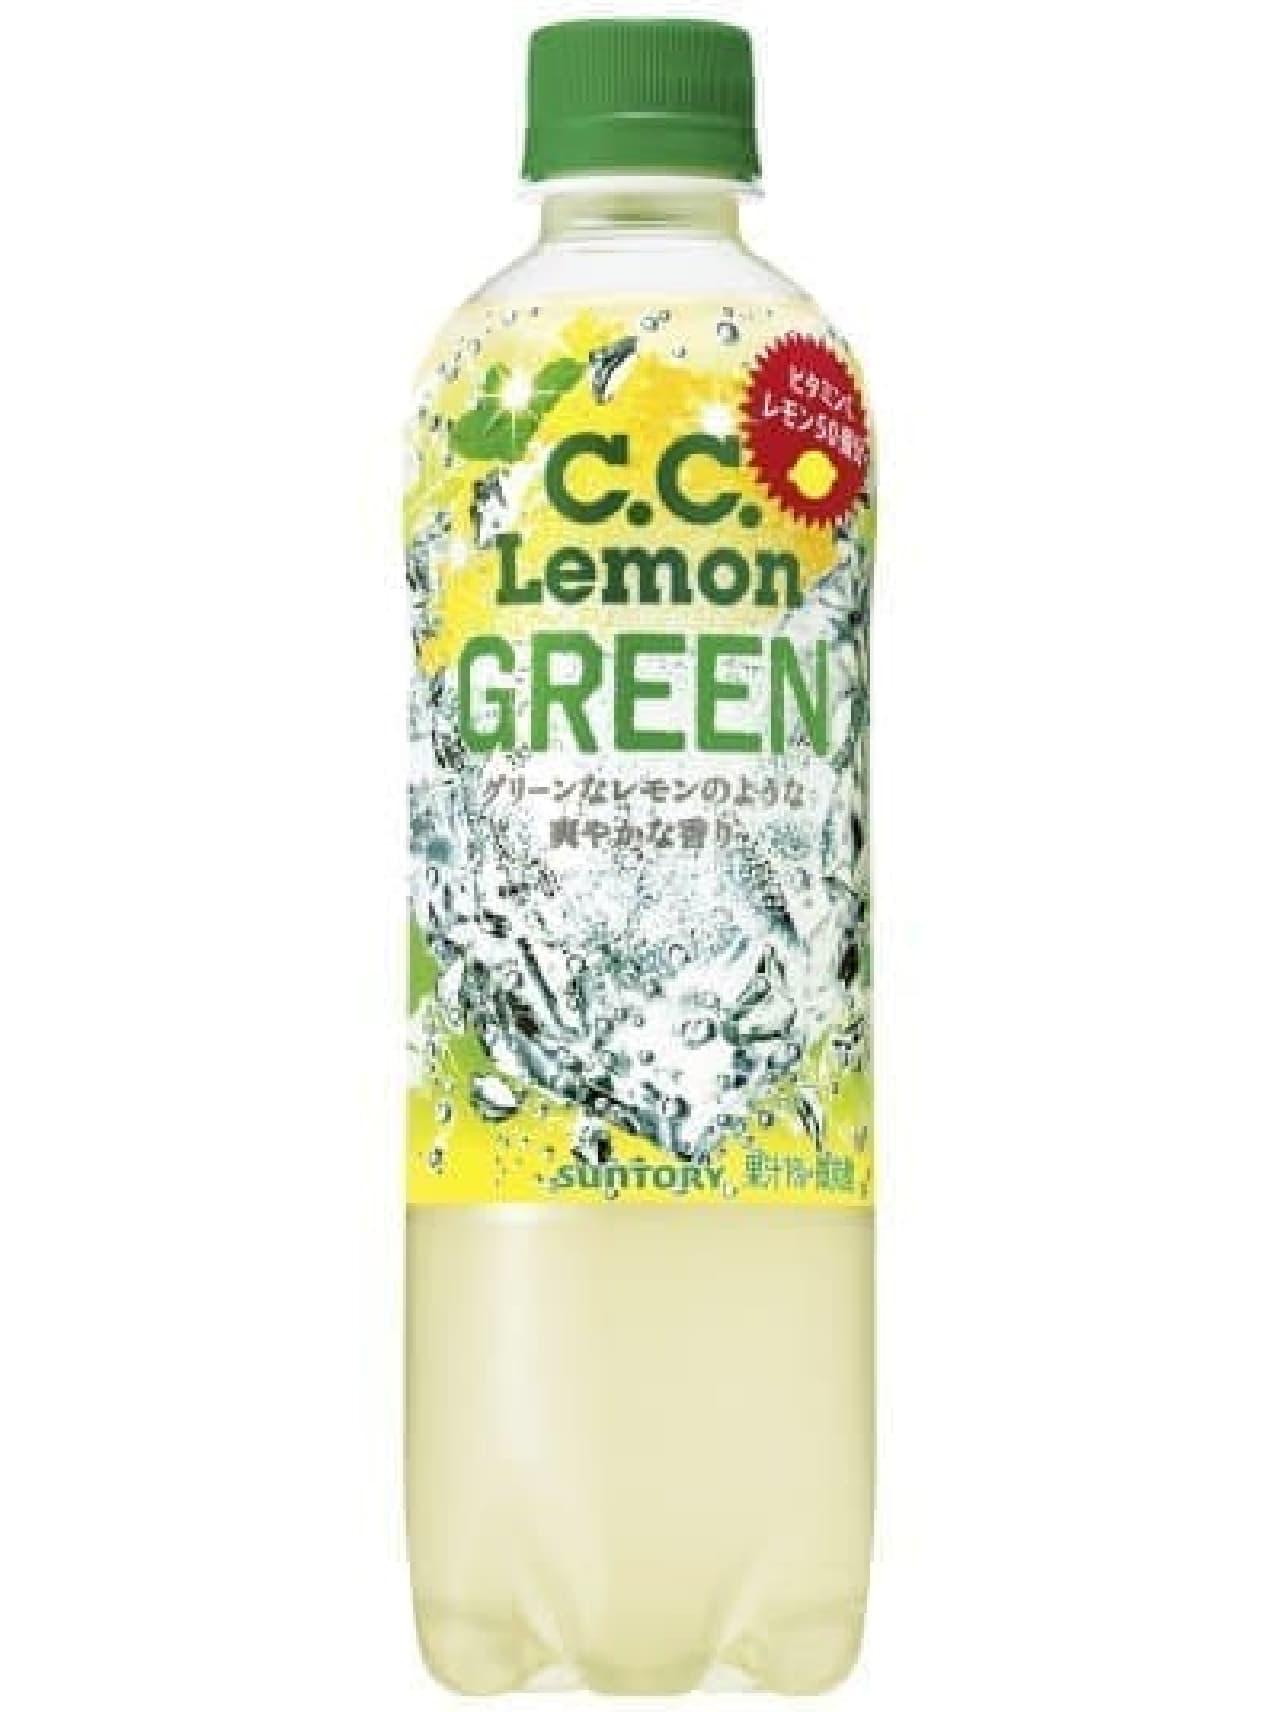 サントリー食品インターナショナル「C.C.レモングリーン」